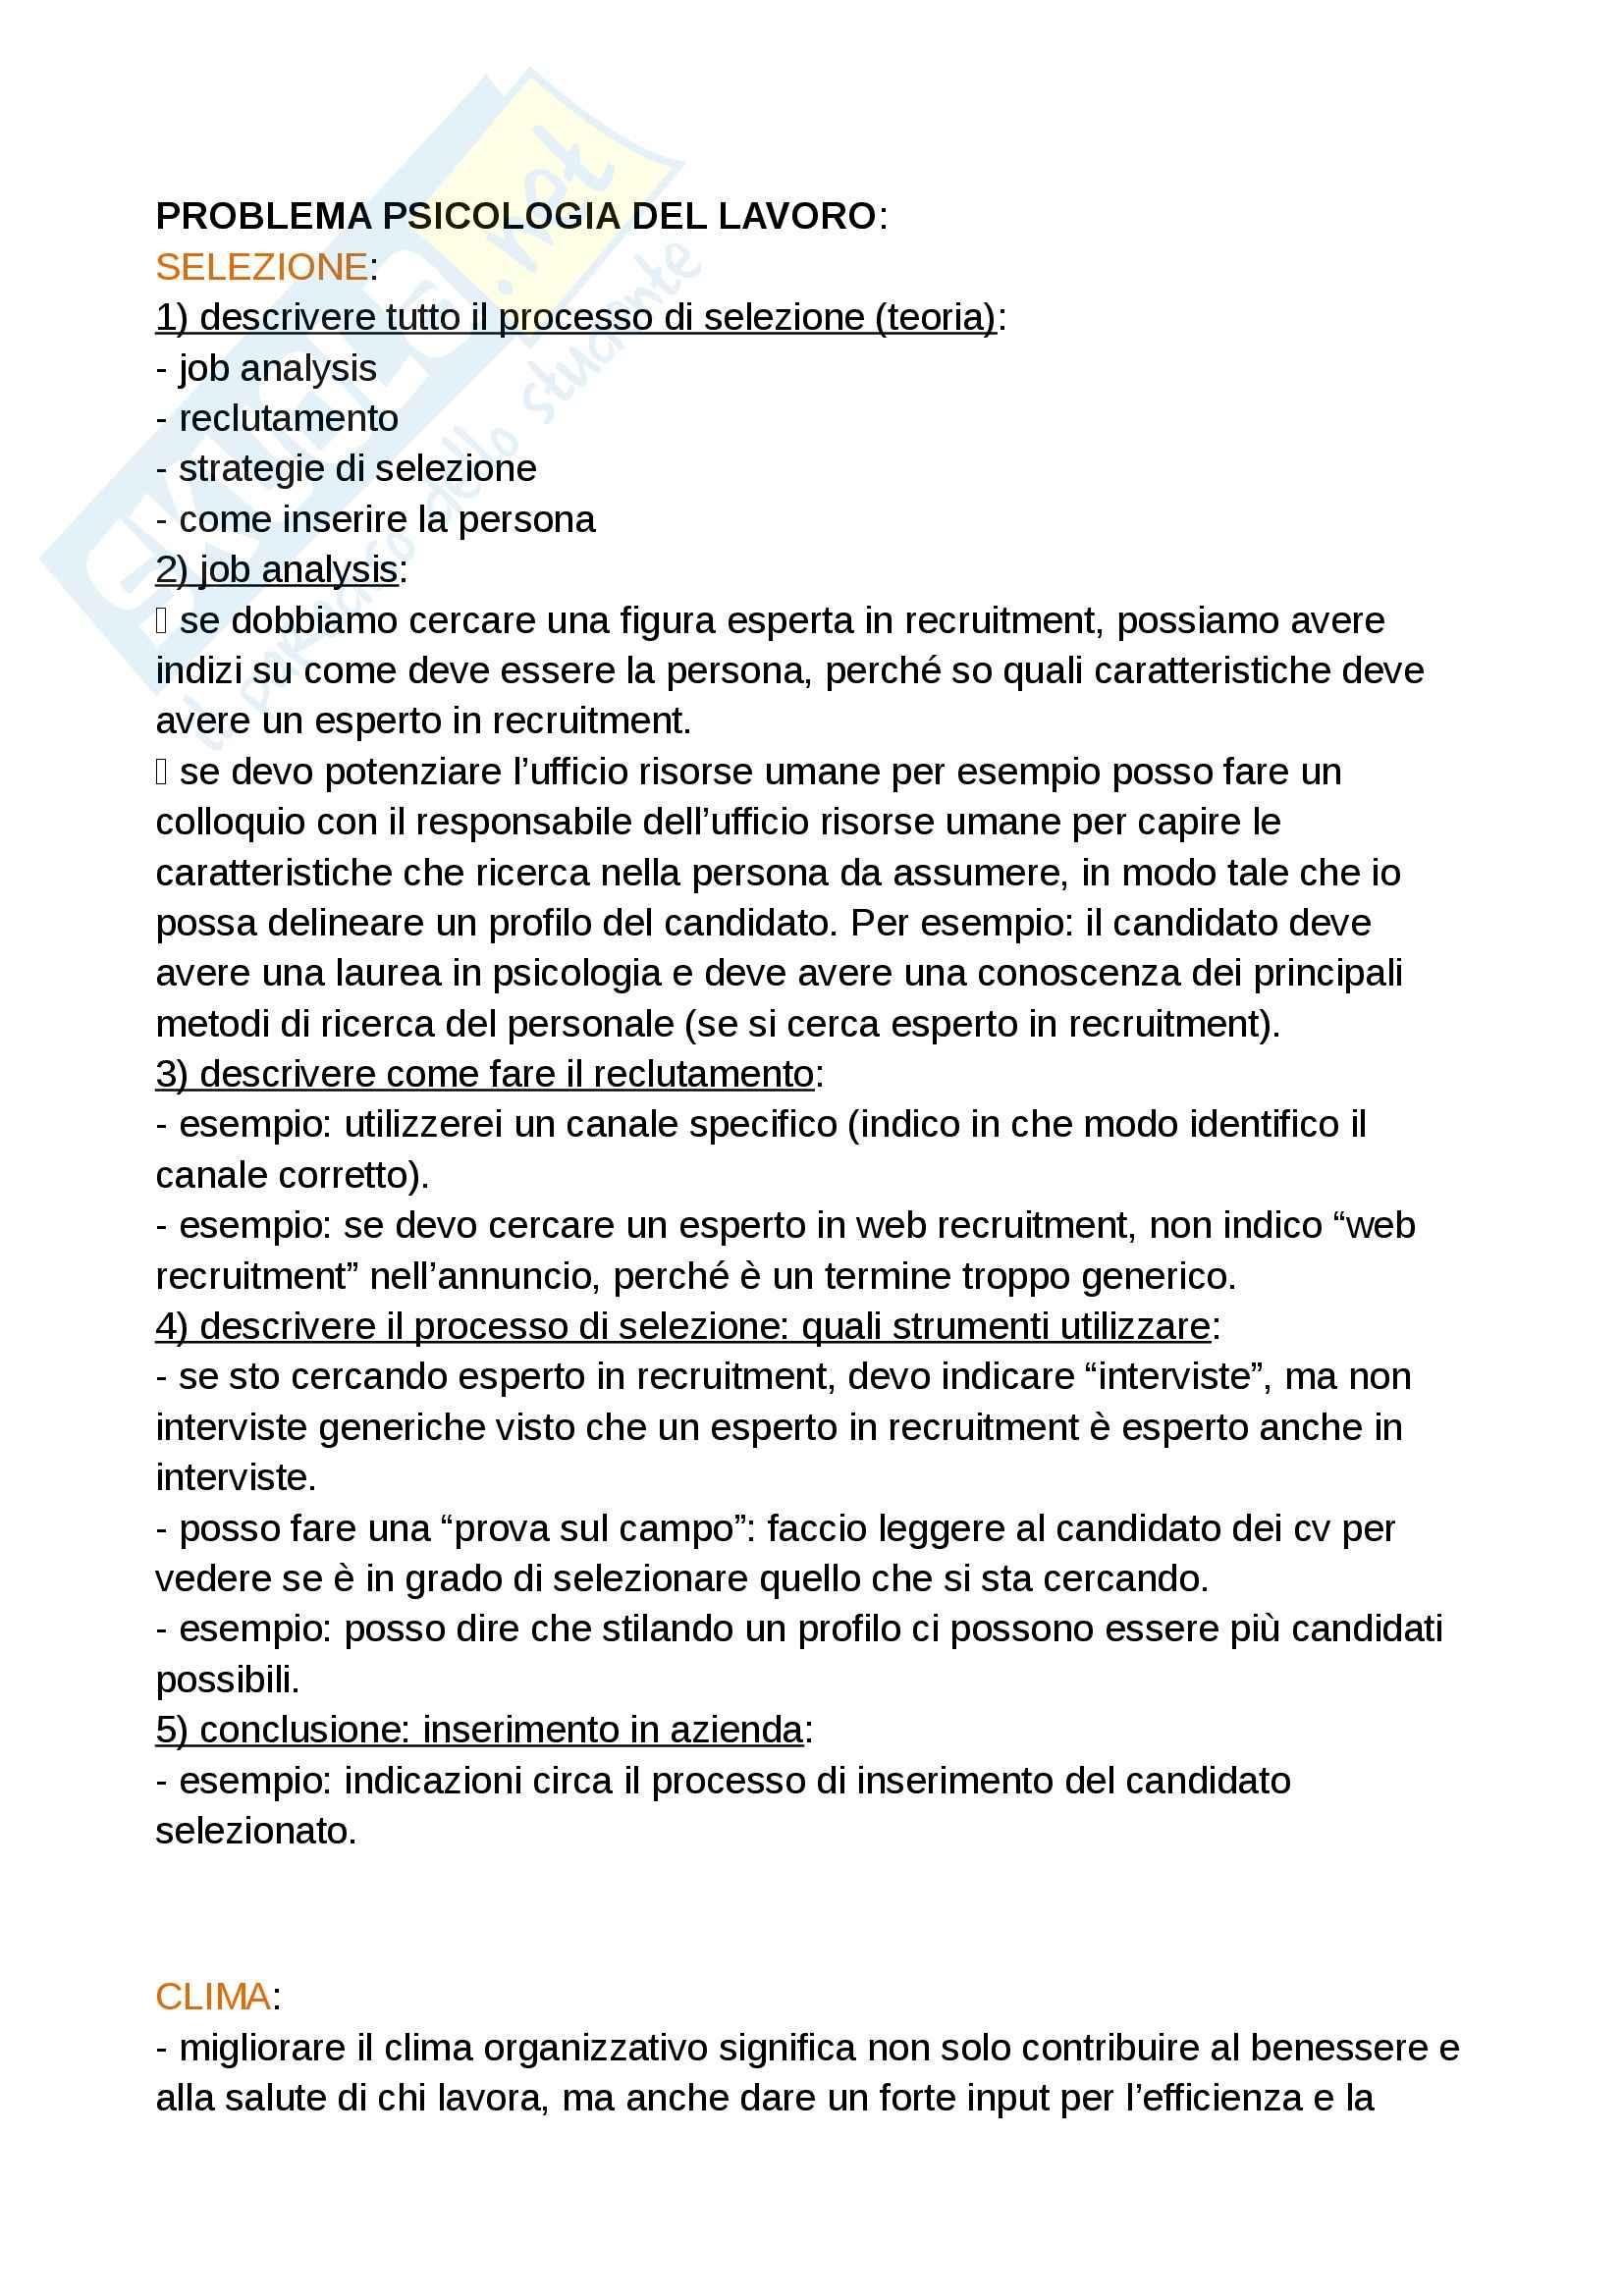 Riassunto esame problemi psicologia del lavoro e delle organizzazioni, Massimo Miglioretti